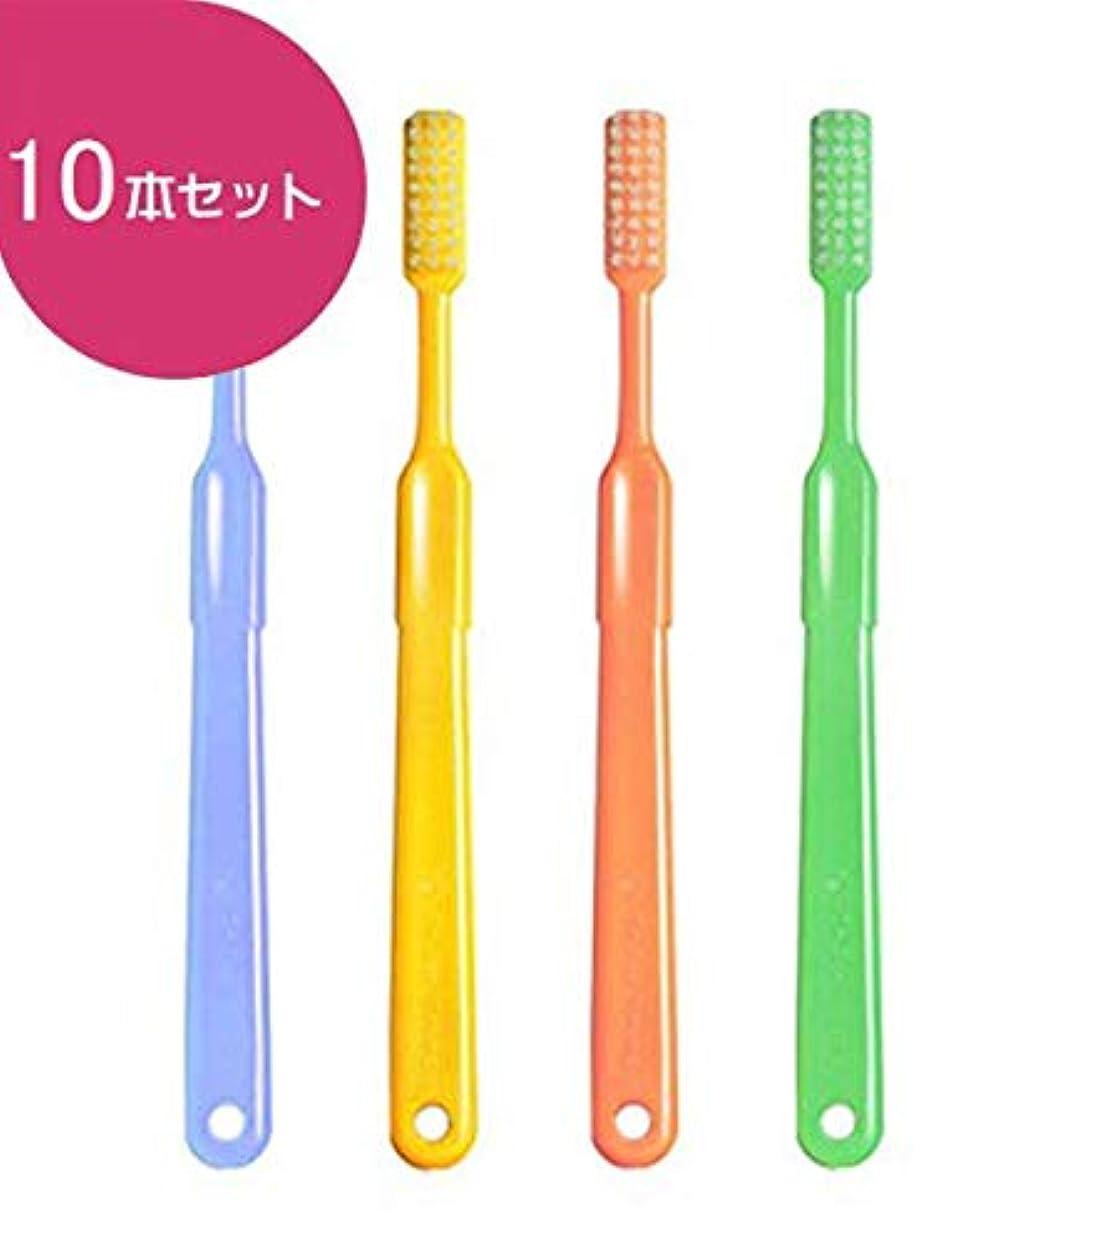 人気の小麦理解ビーブランド ドクター ビーヤング 歯ブラシ 10本 (ヤング)